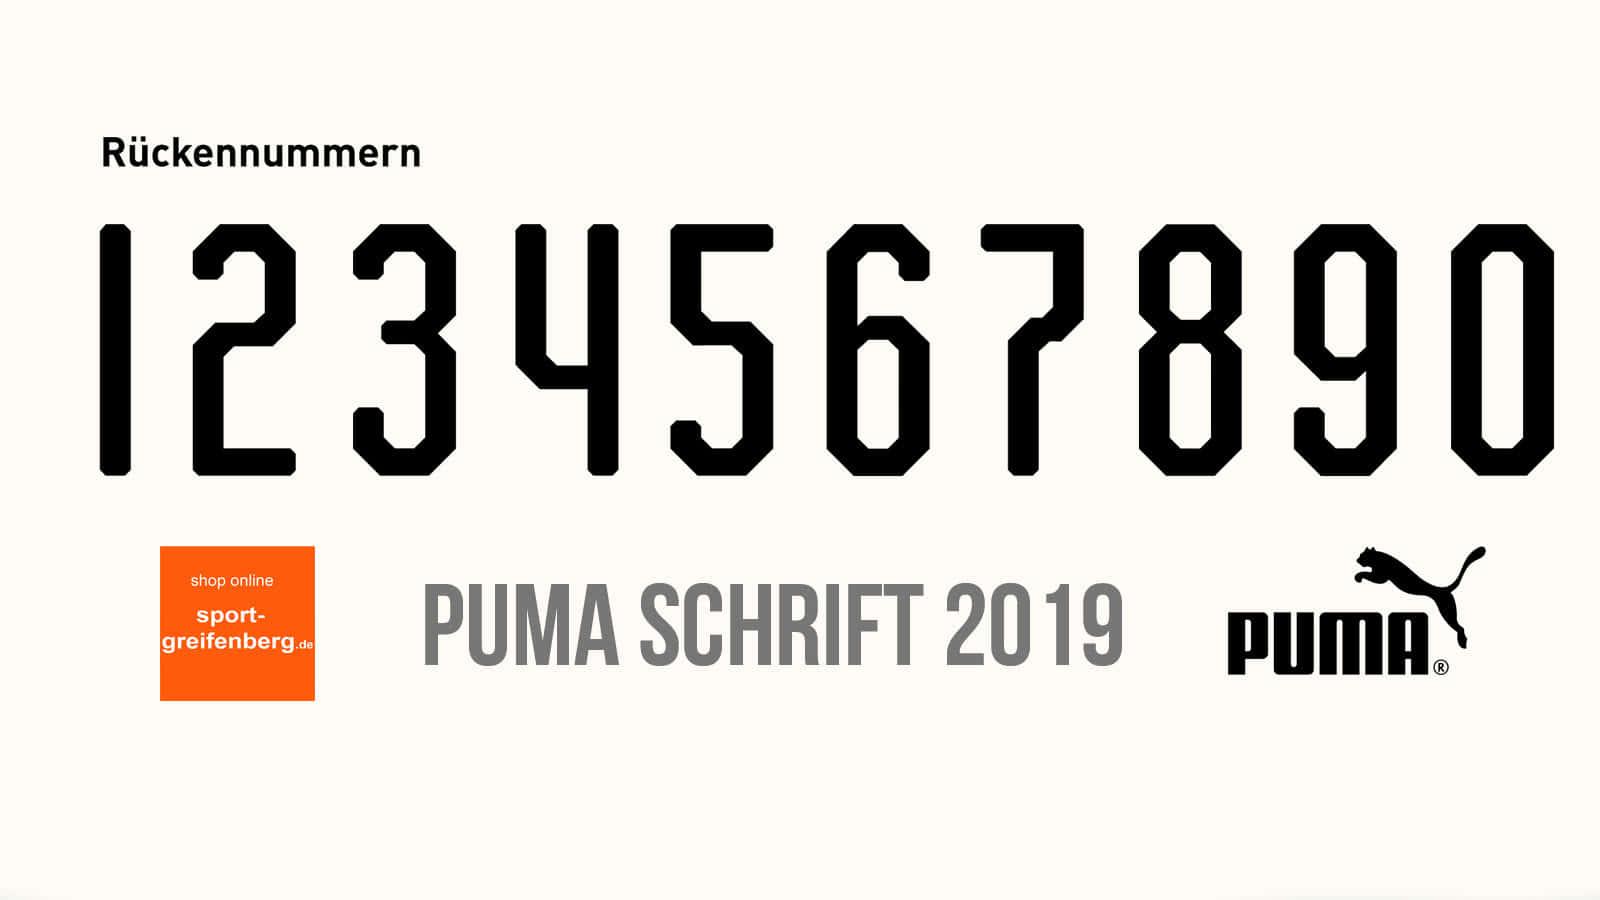 die Puma Schriftart für 2018/2019 und 2019/2020